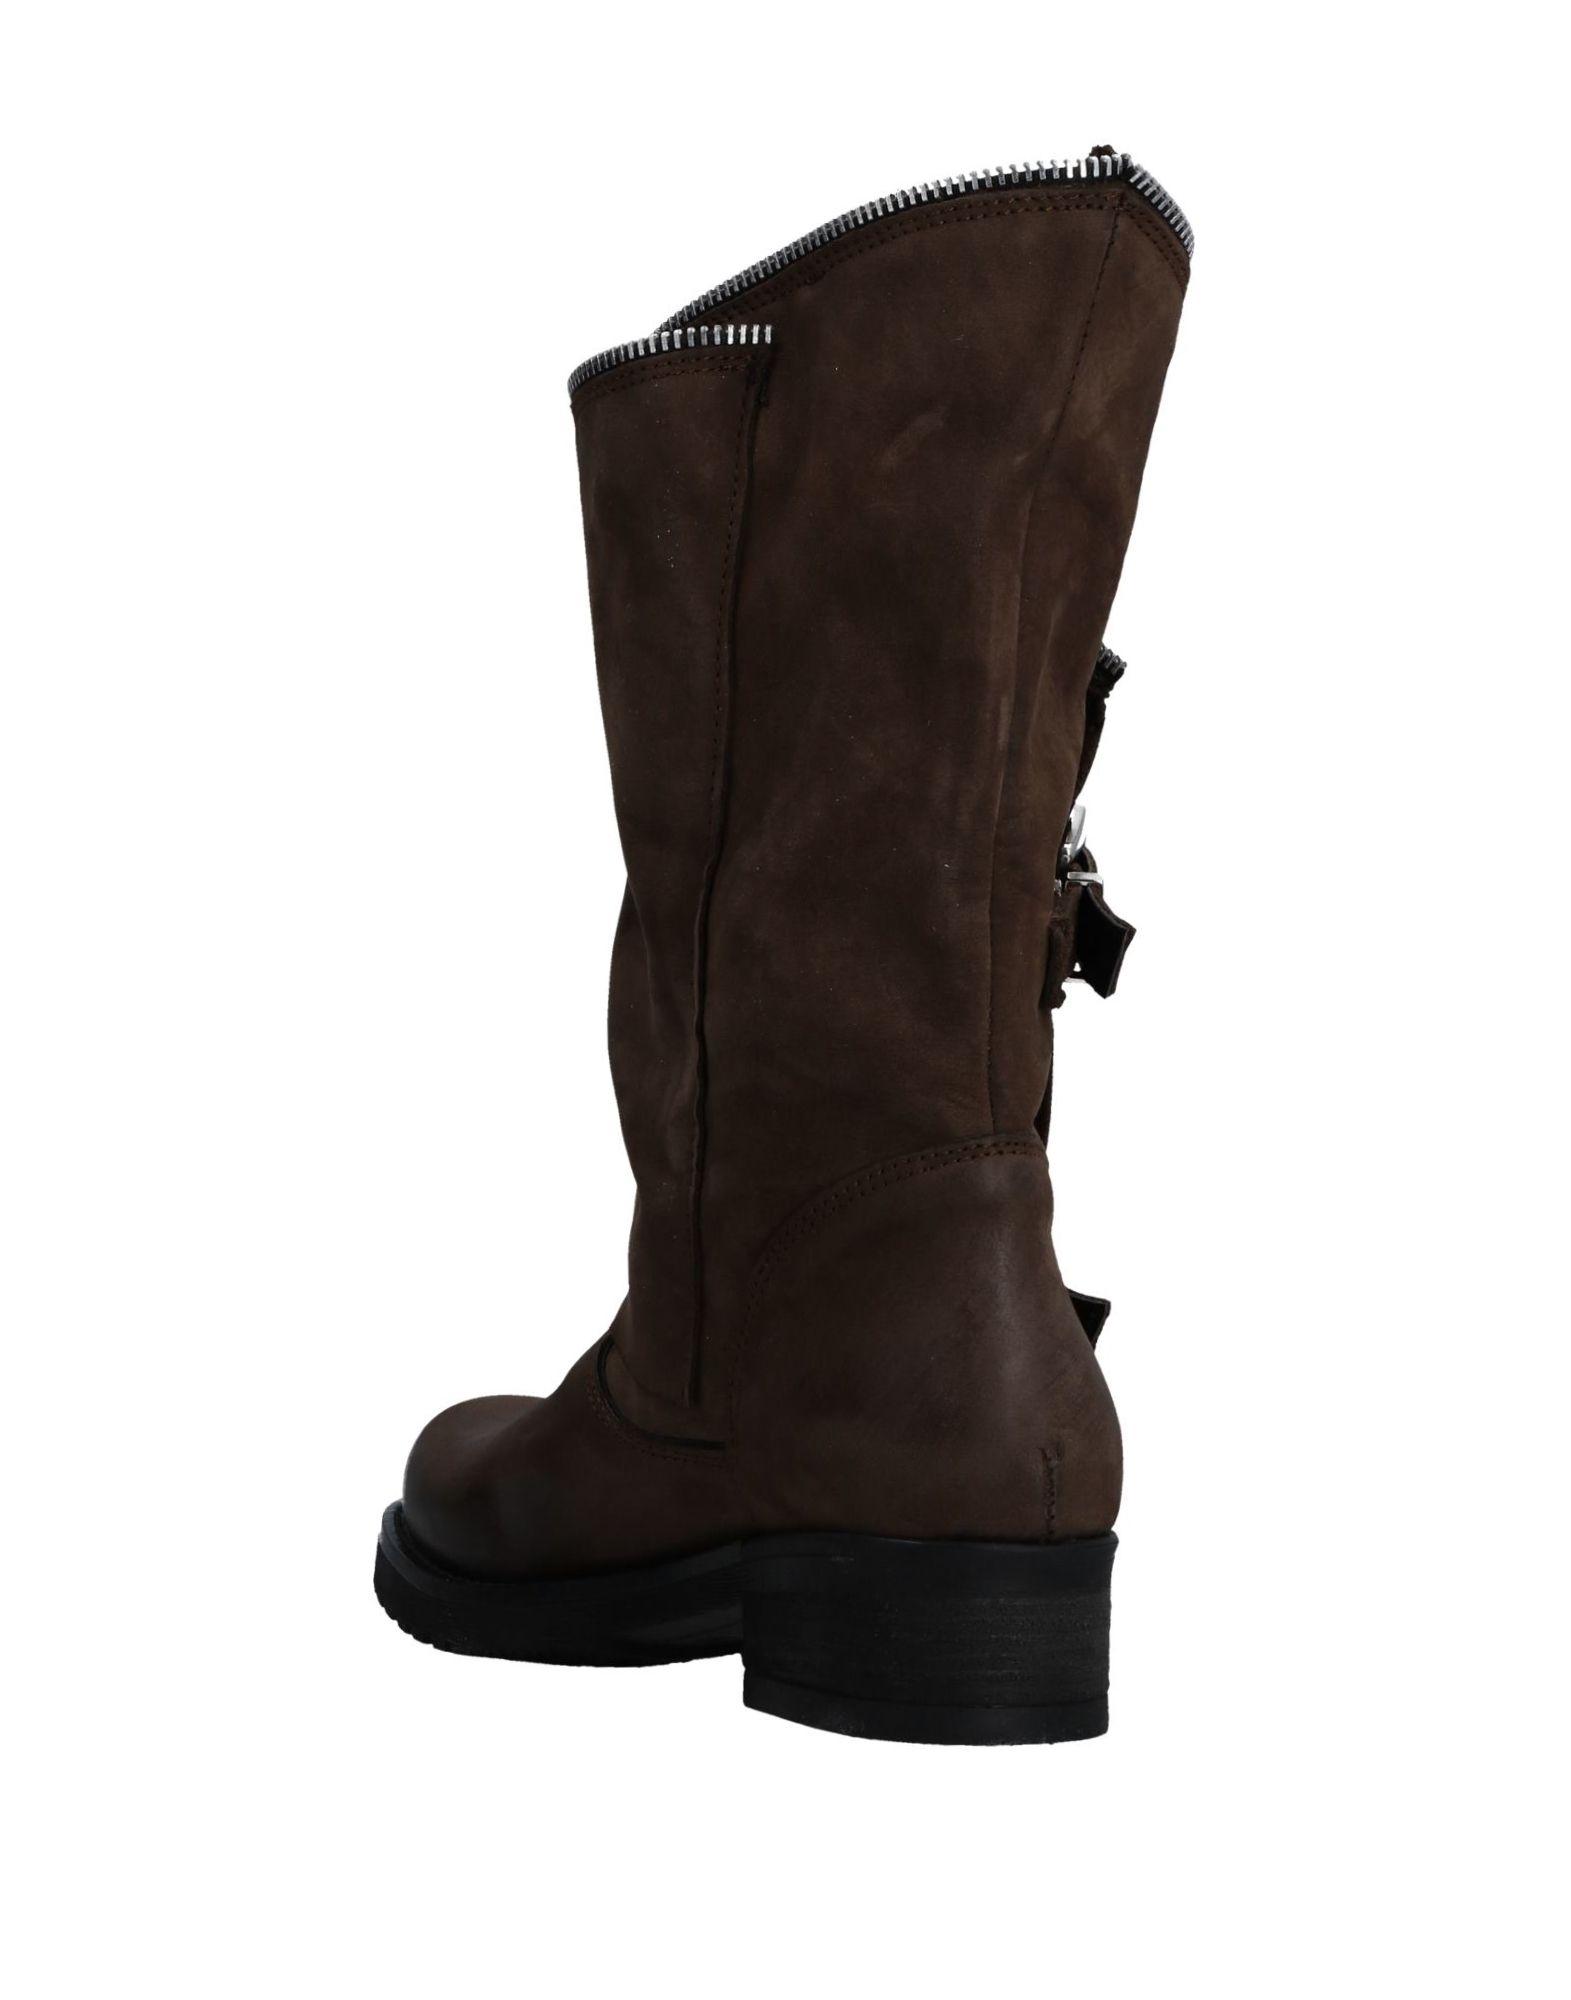 Gut um billige Schuhe Schuhe Schuhe zu tragenBrawn's Stiefel Damen  11529399MF 4e9fb3